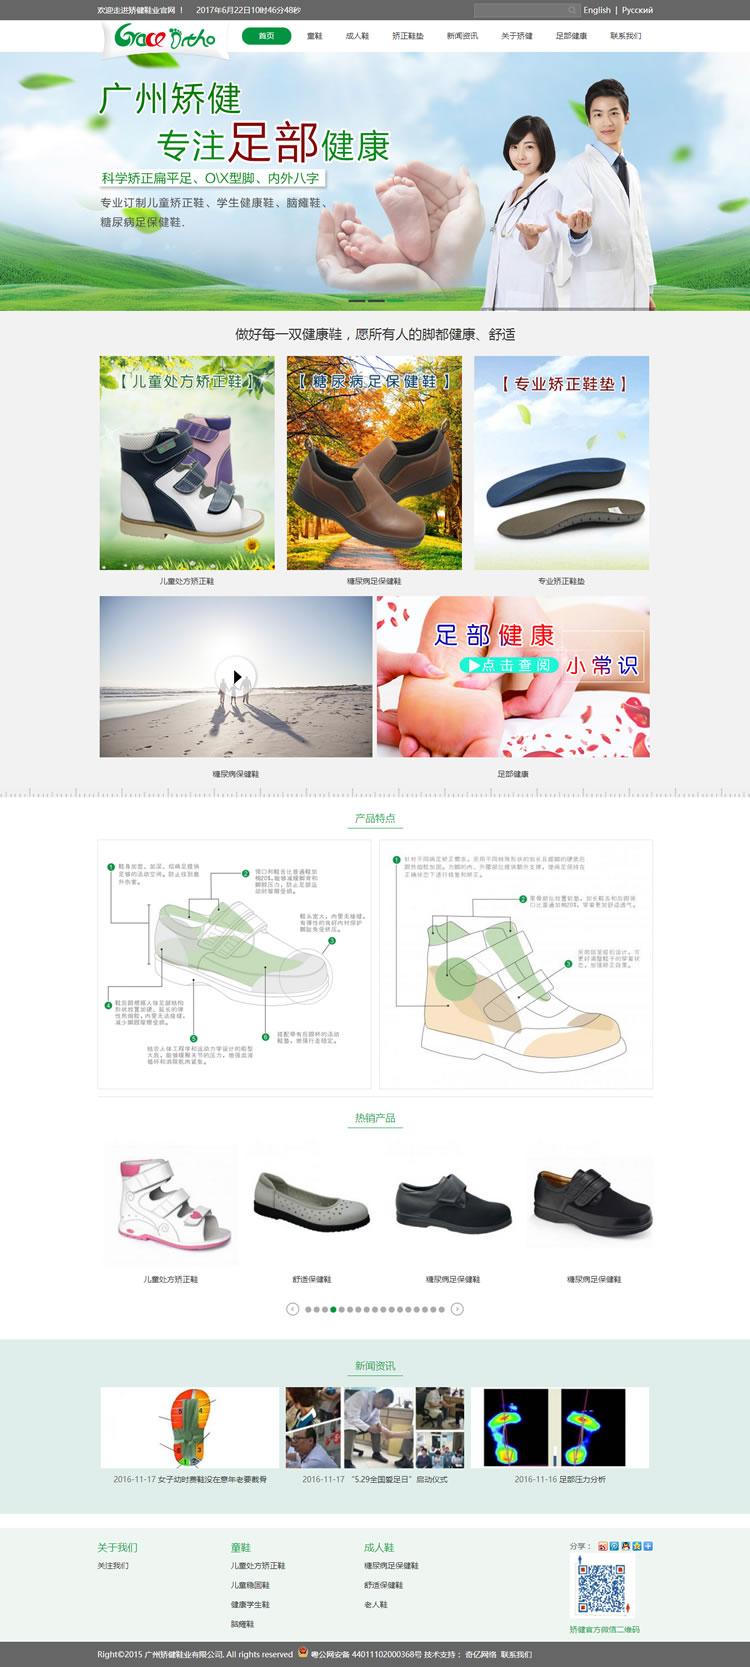 广州矫健鞋业发展有限公司.